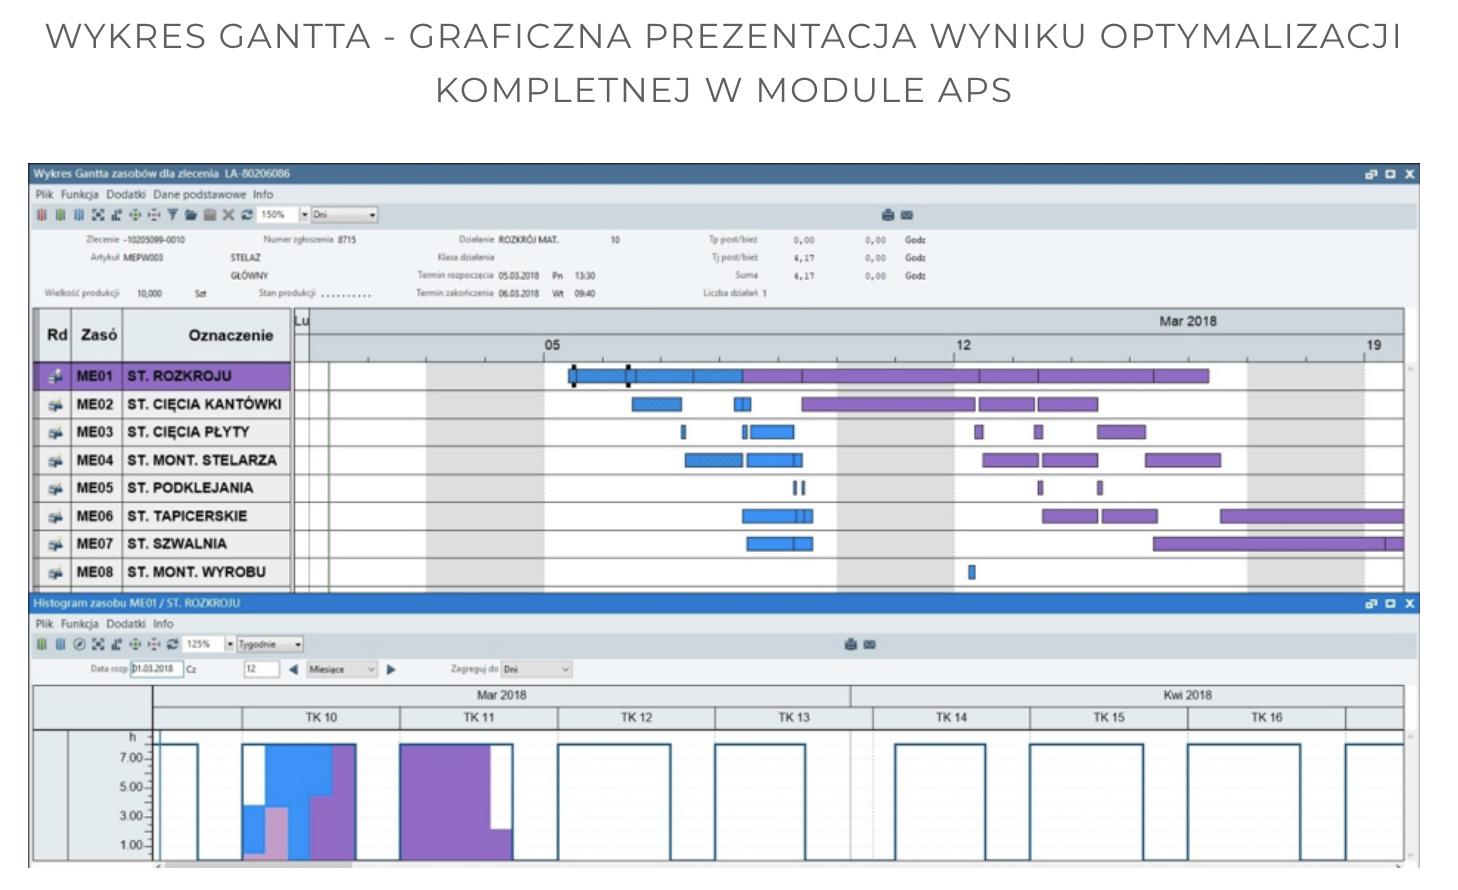 graficzna prezentacja wyniku optymalizacji kompletnej w module APS